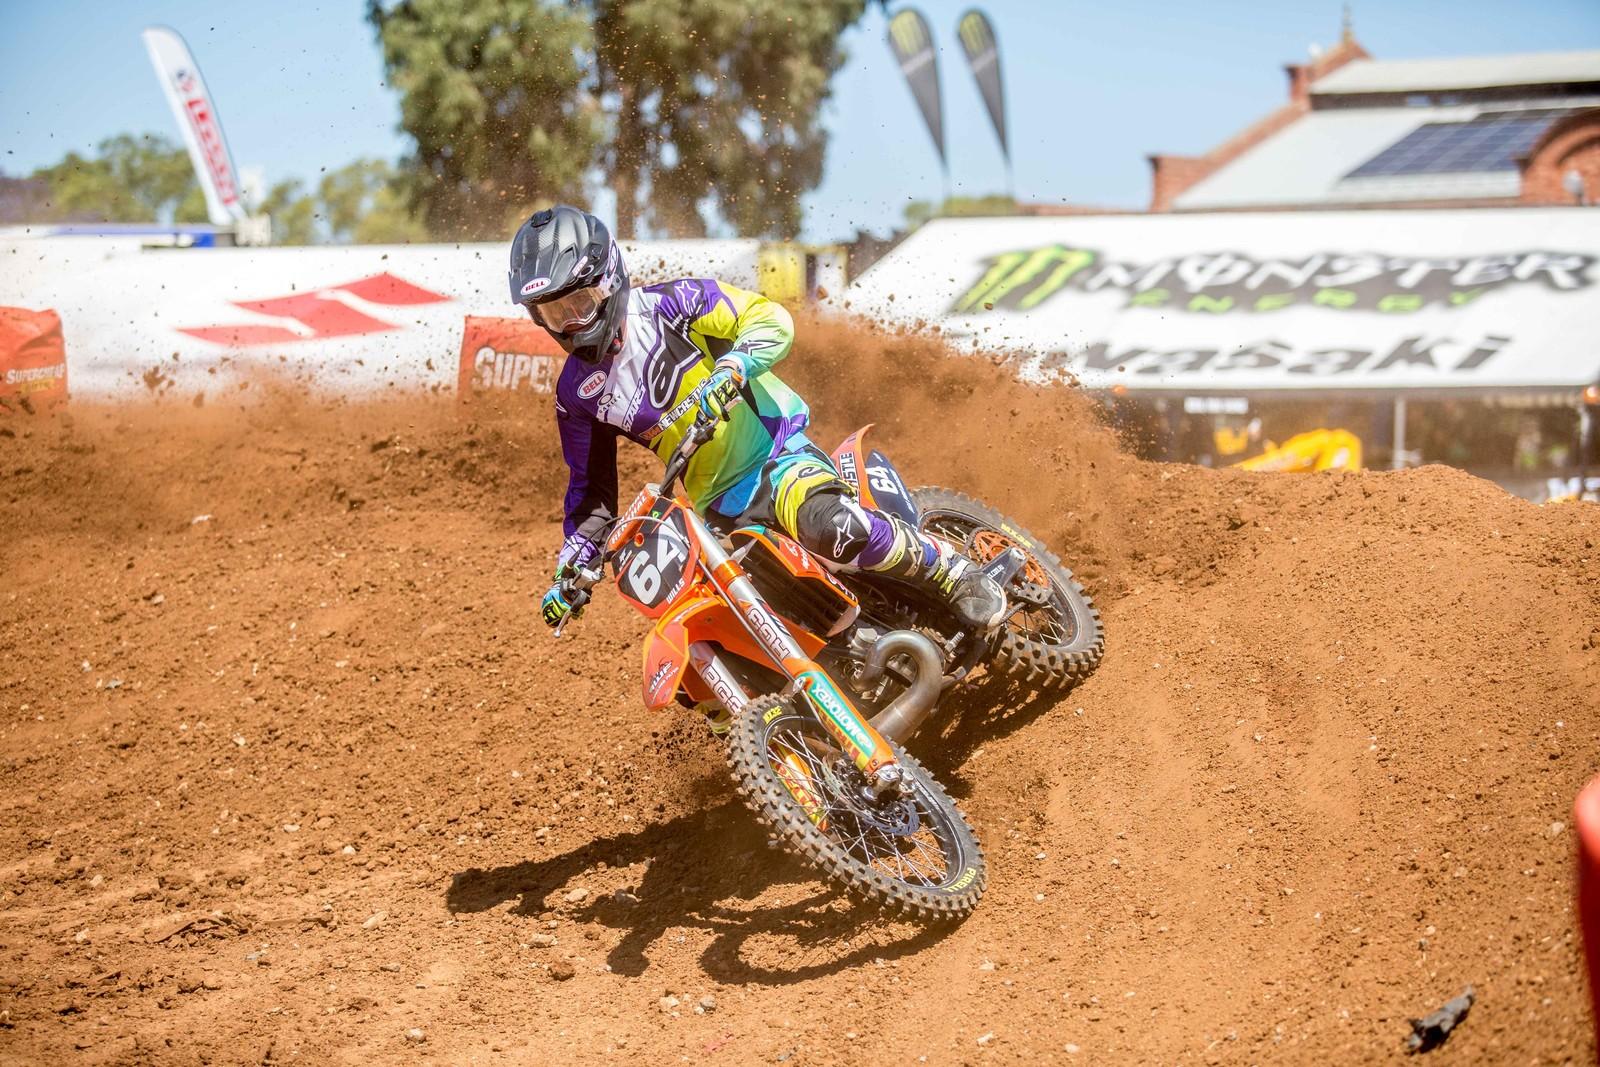 Dylan Wills - Photo Blast: Australian Supercross Championship from Adelaide - Motocross Pictures - Vital MX